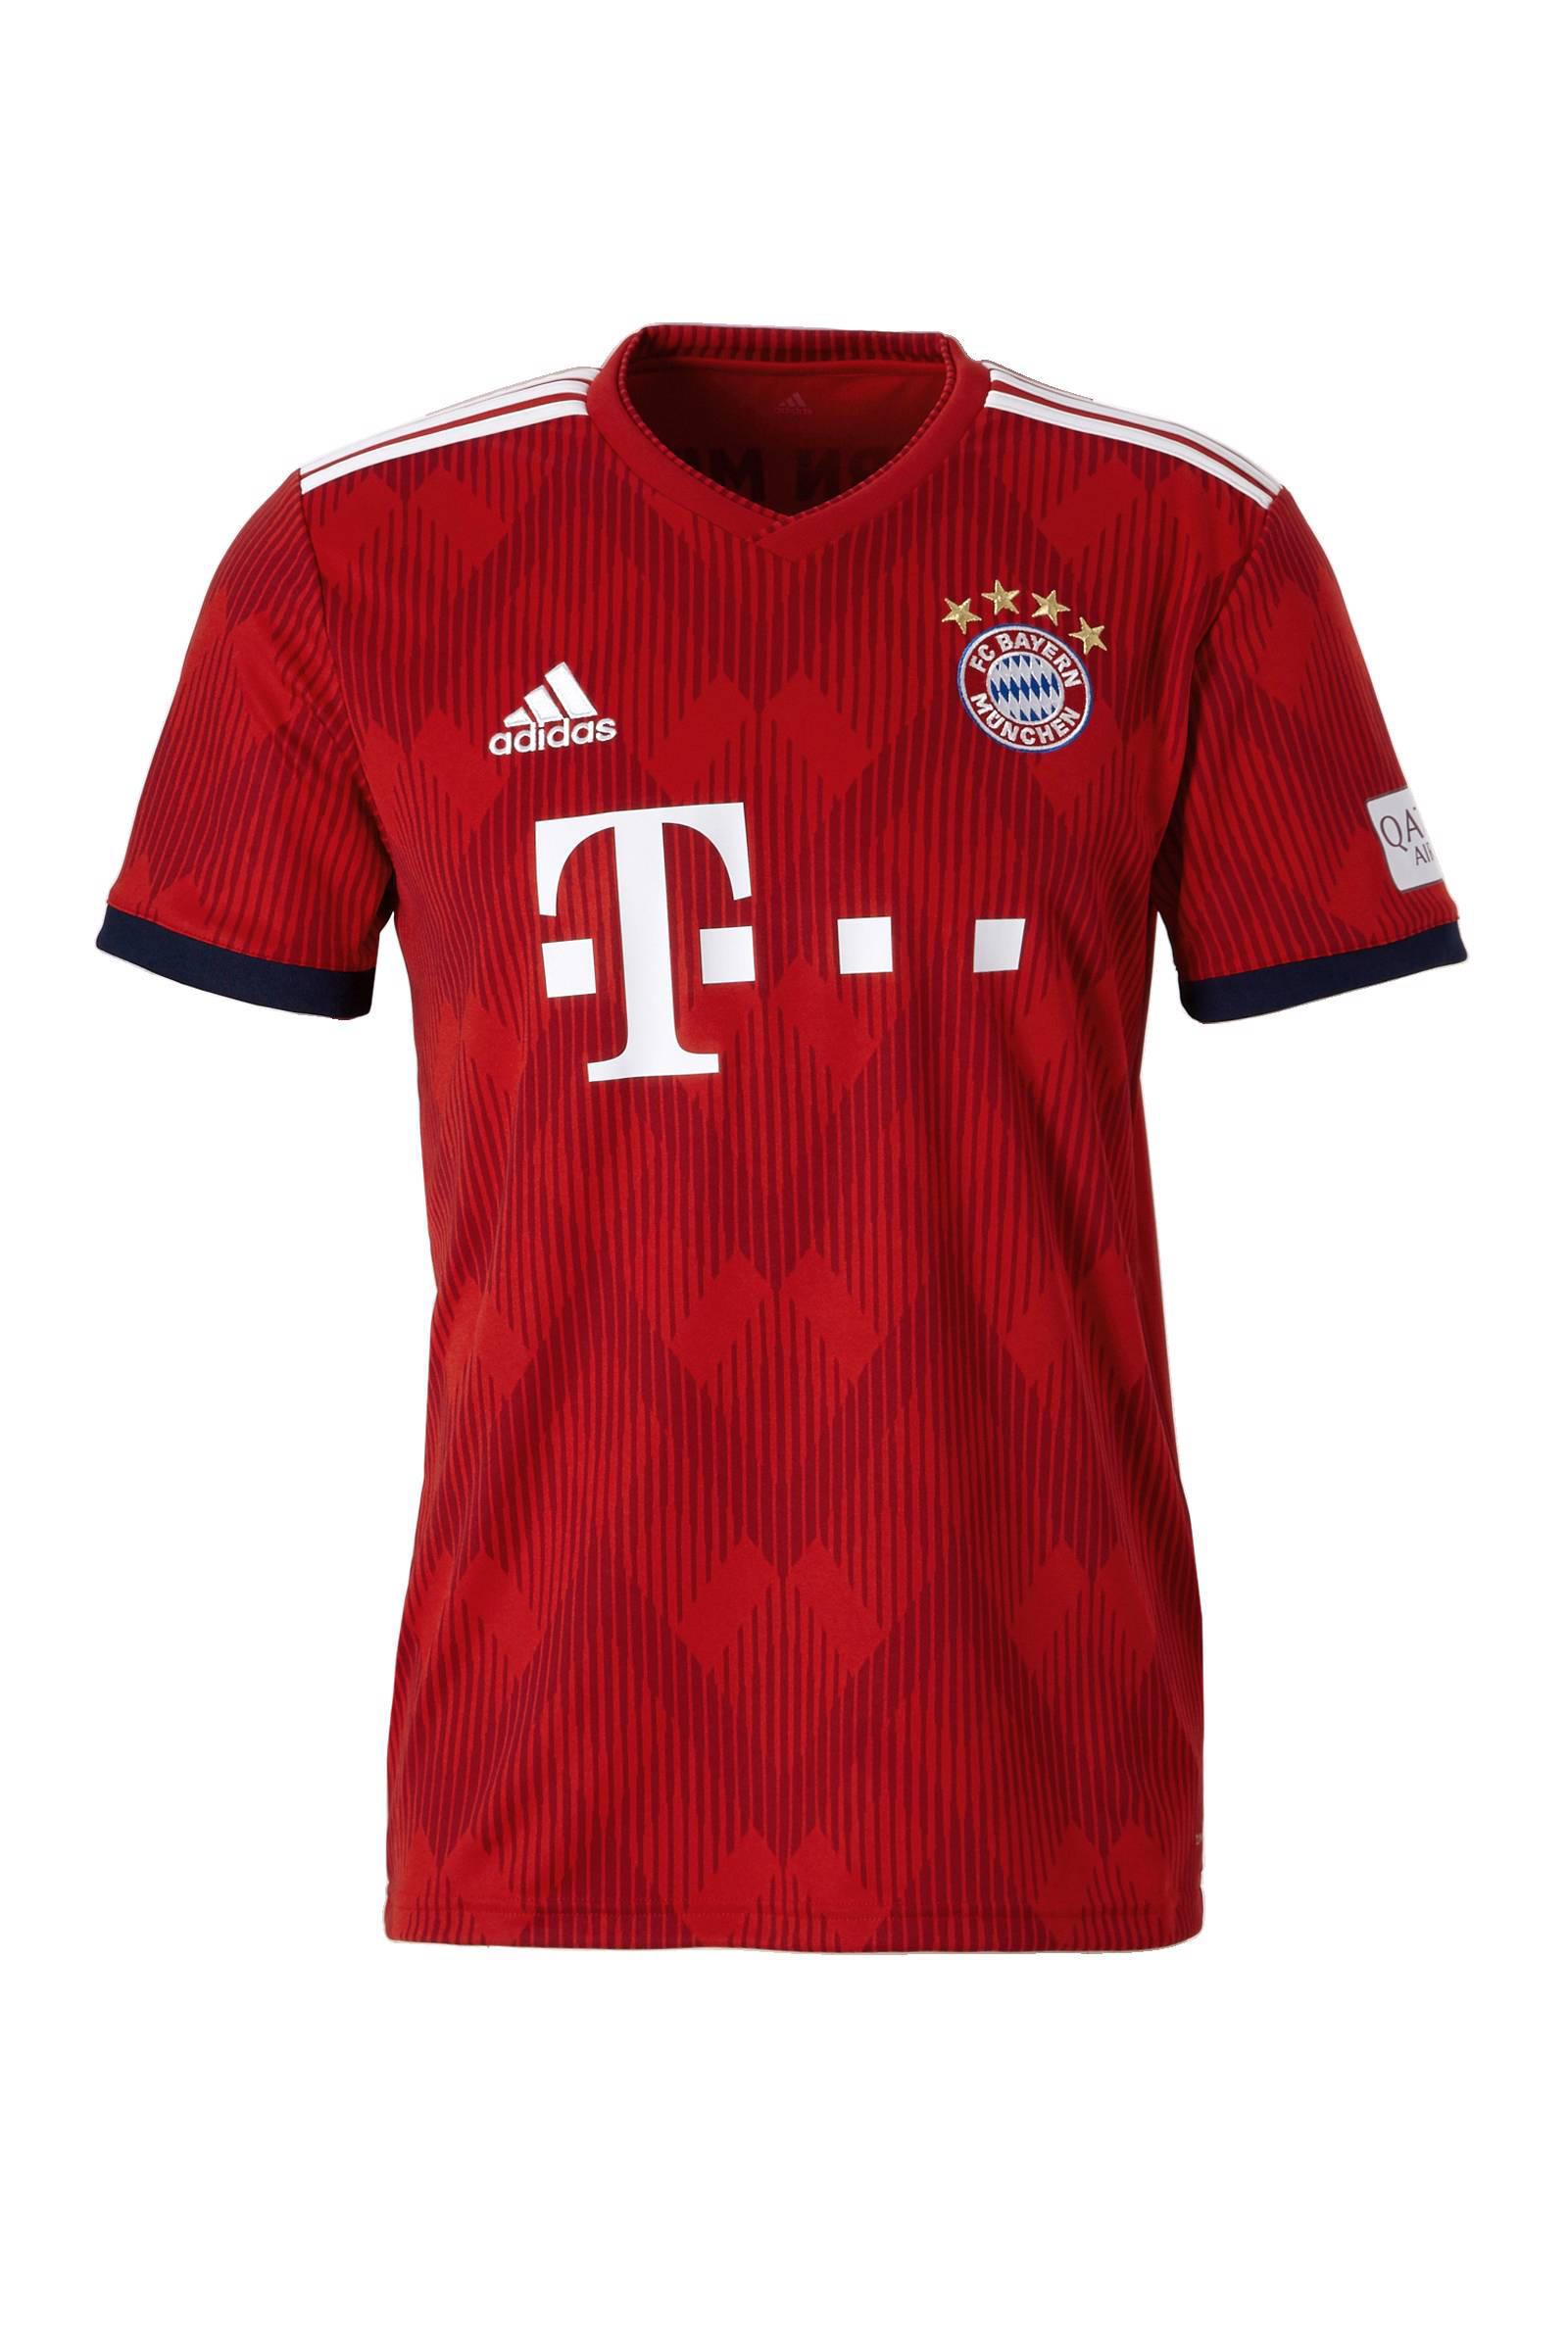 adidas performance Senior FC Bayern München voetbalshirt (heren)